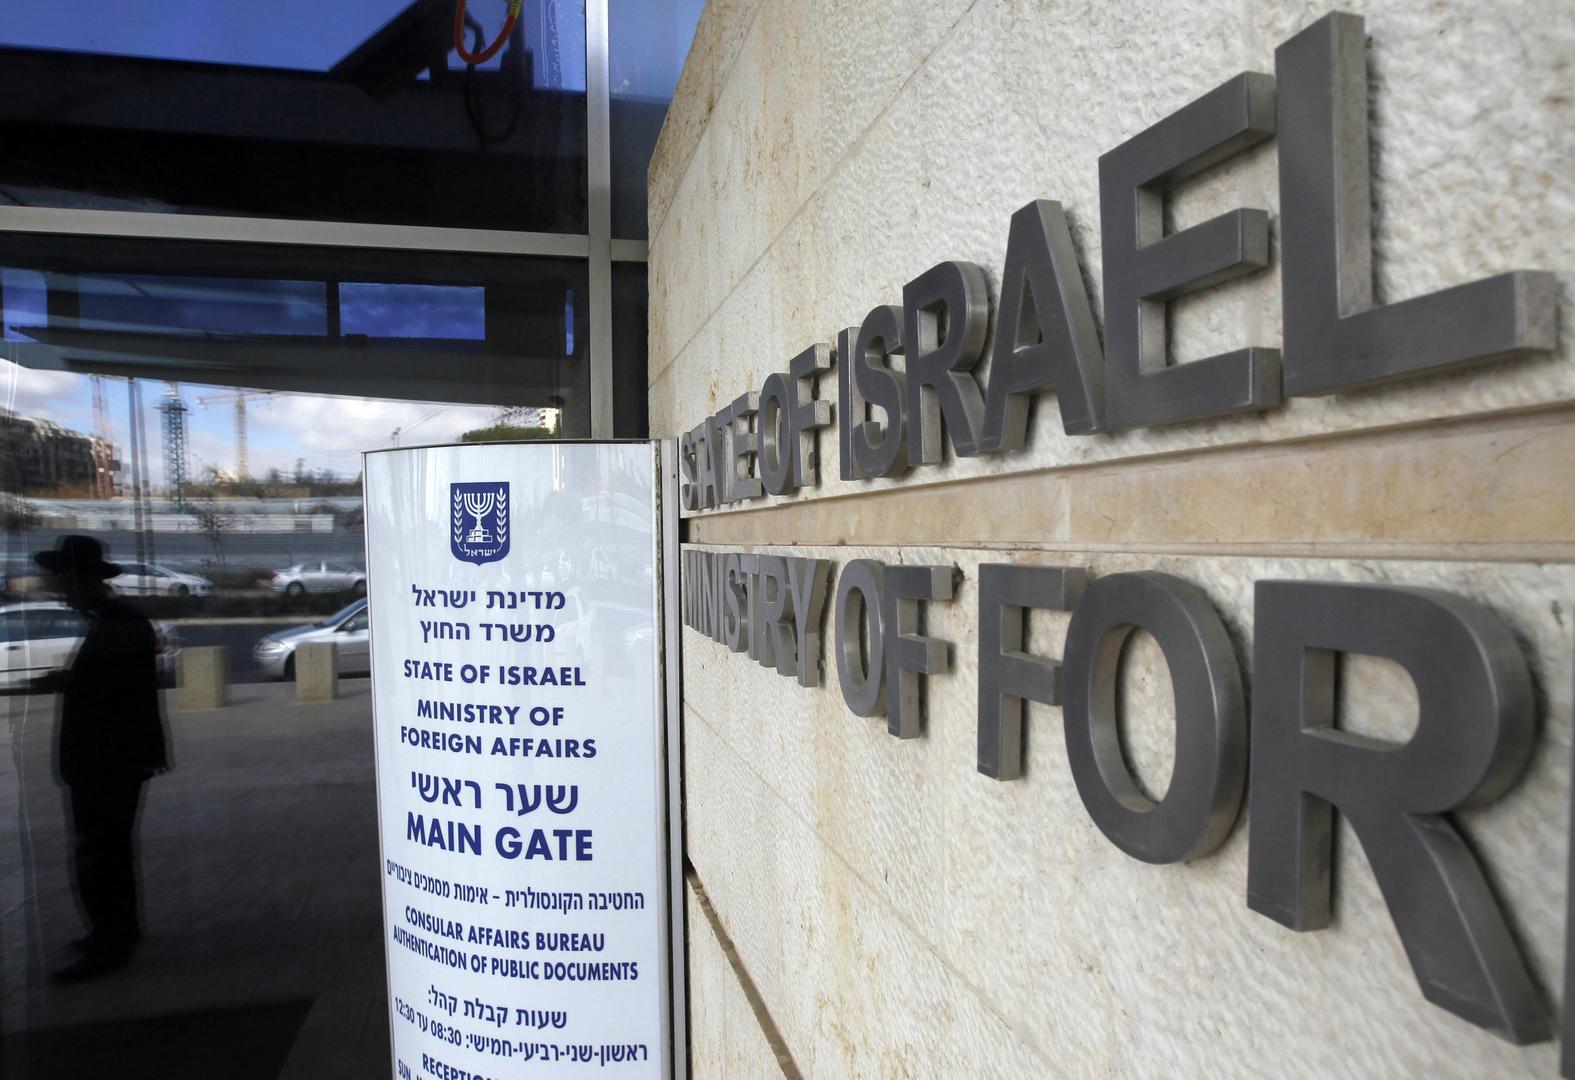 إسرائيل تعلق على بيان